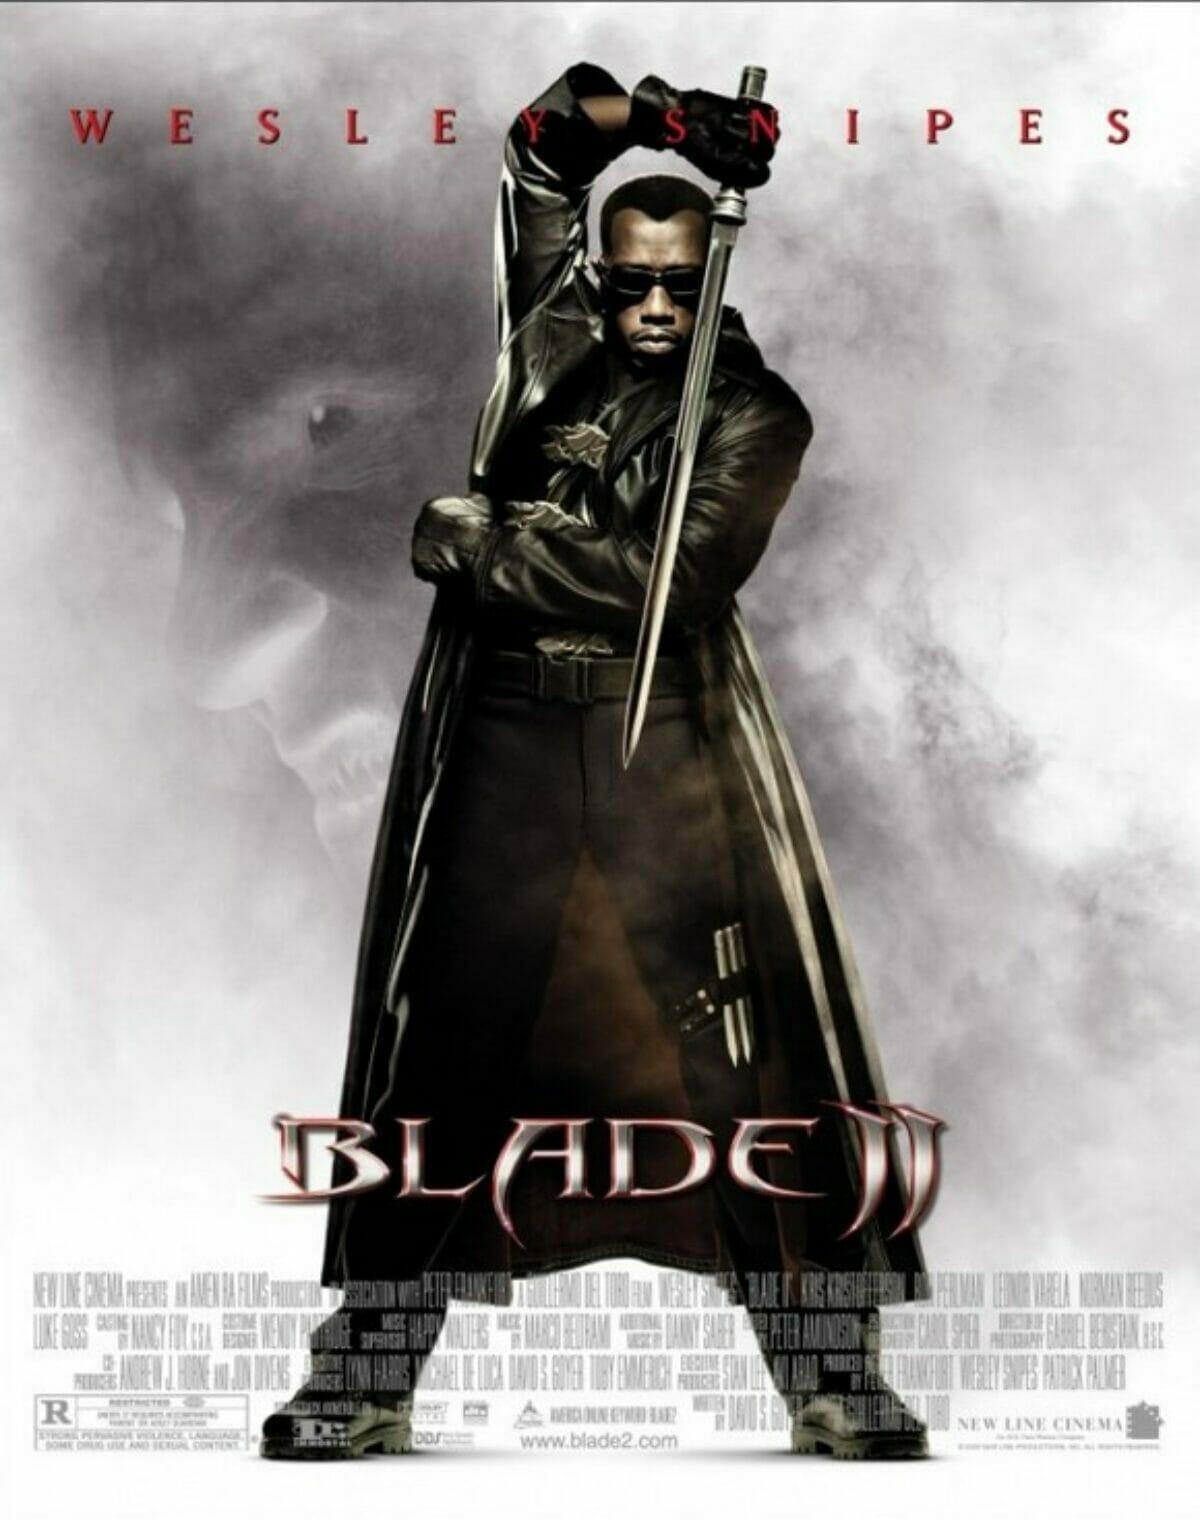 blade-2-affiche-france